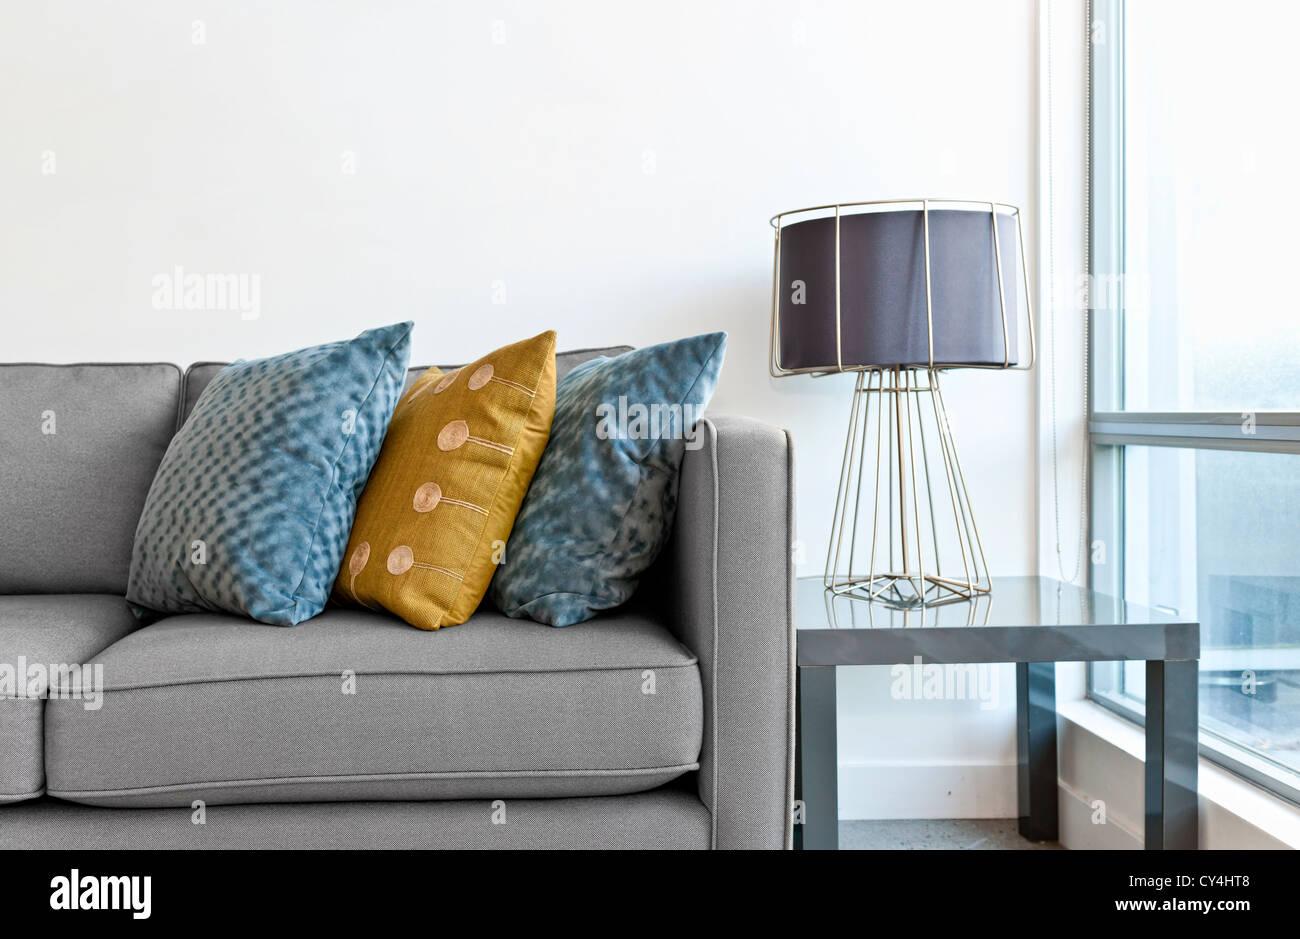 Diseño interior con sofá, coloridos cojines y una lámpara de mesa final Imagen De Stock